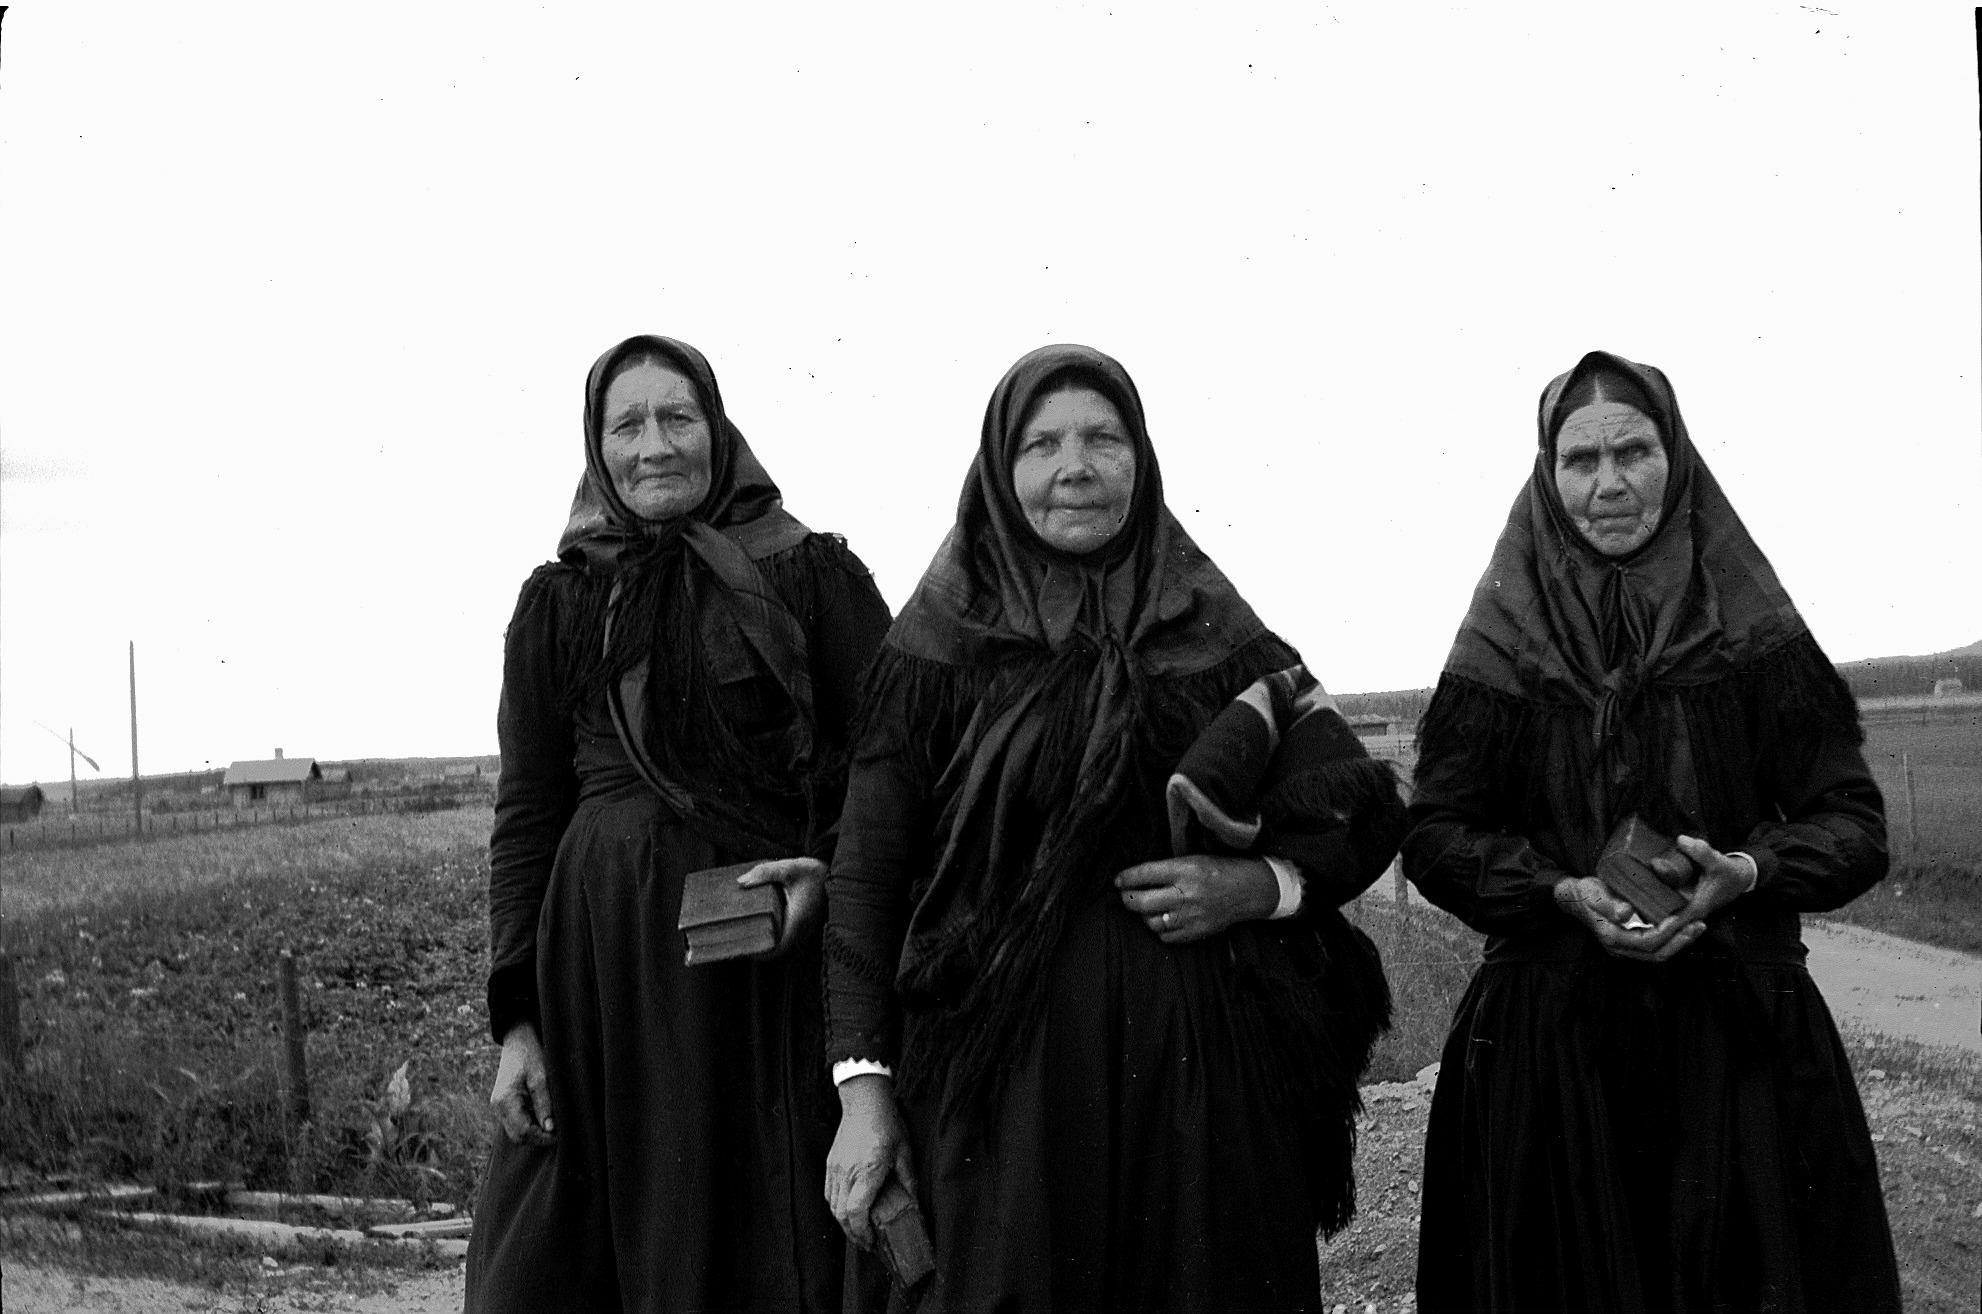 """På läraren Selim Björses foto ser vi tre gummor på väg till nattvarden i kyrkan i Lappfjärd. Till vänster """"Gåbbinas"""" Mina Lillkull, i mitten """"Beckaas"""" Maria Lång och till höger Maria Lindberg från Haga-tå på A-sidon."""